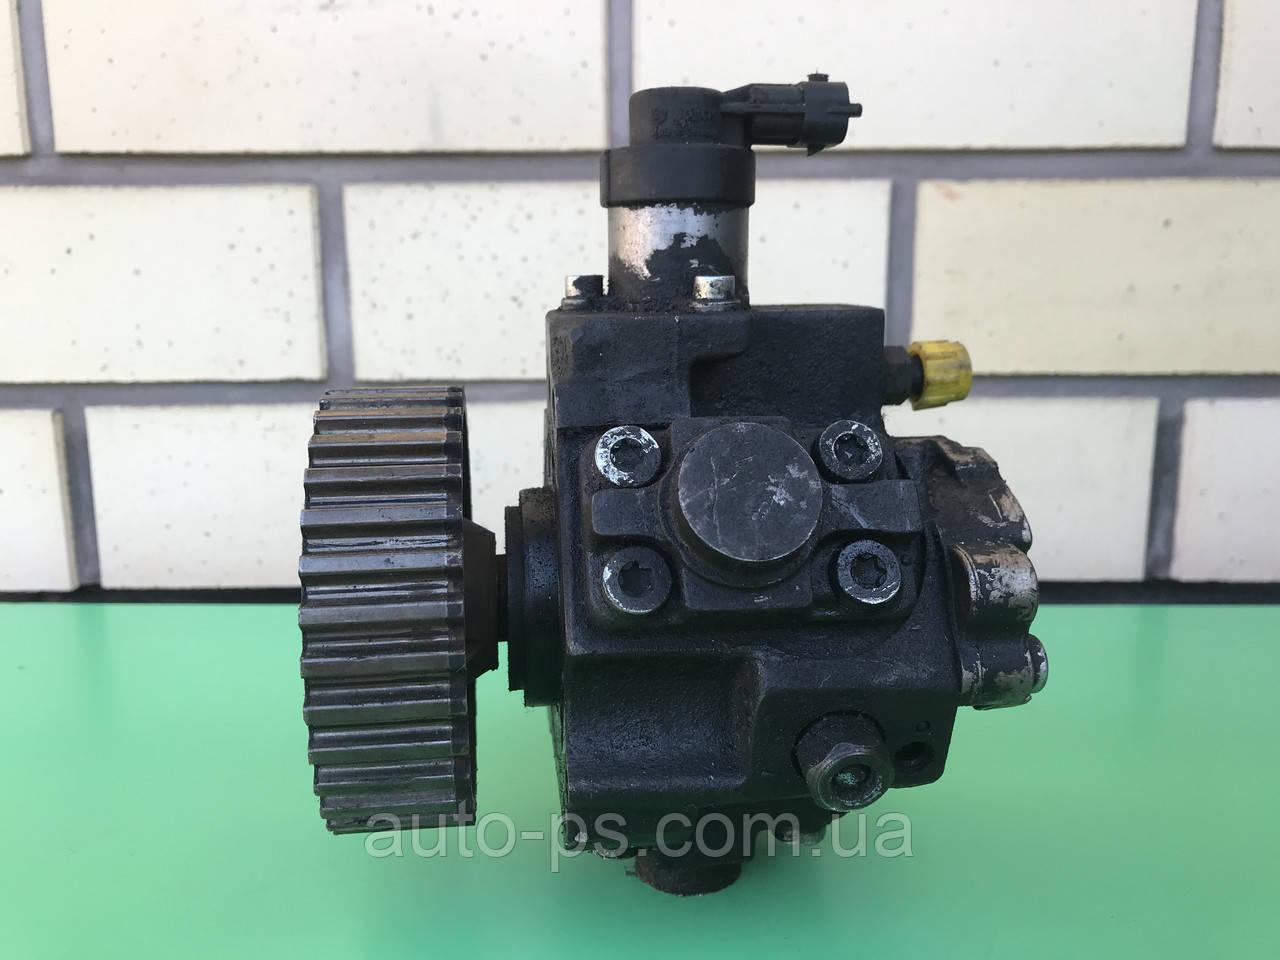 Топливный насос высокого давления (ТНВД) Peugeot 308 1.6HDI